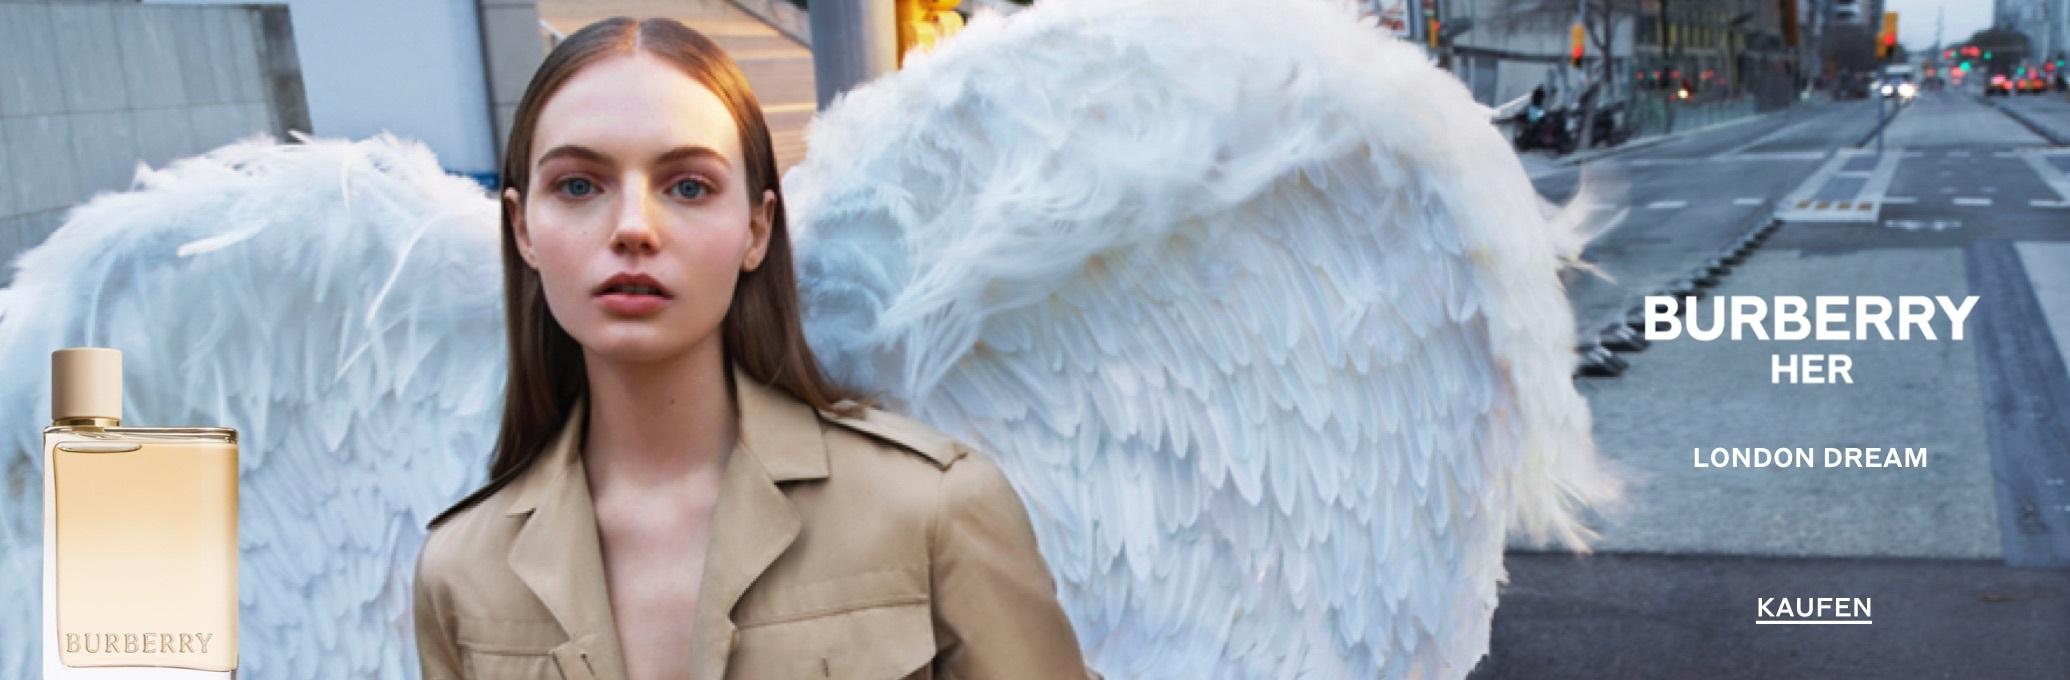 Burberry Her London Dream leden 2021